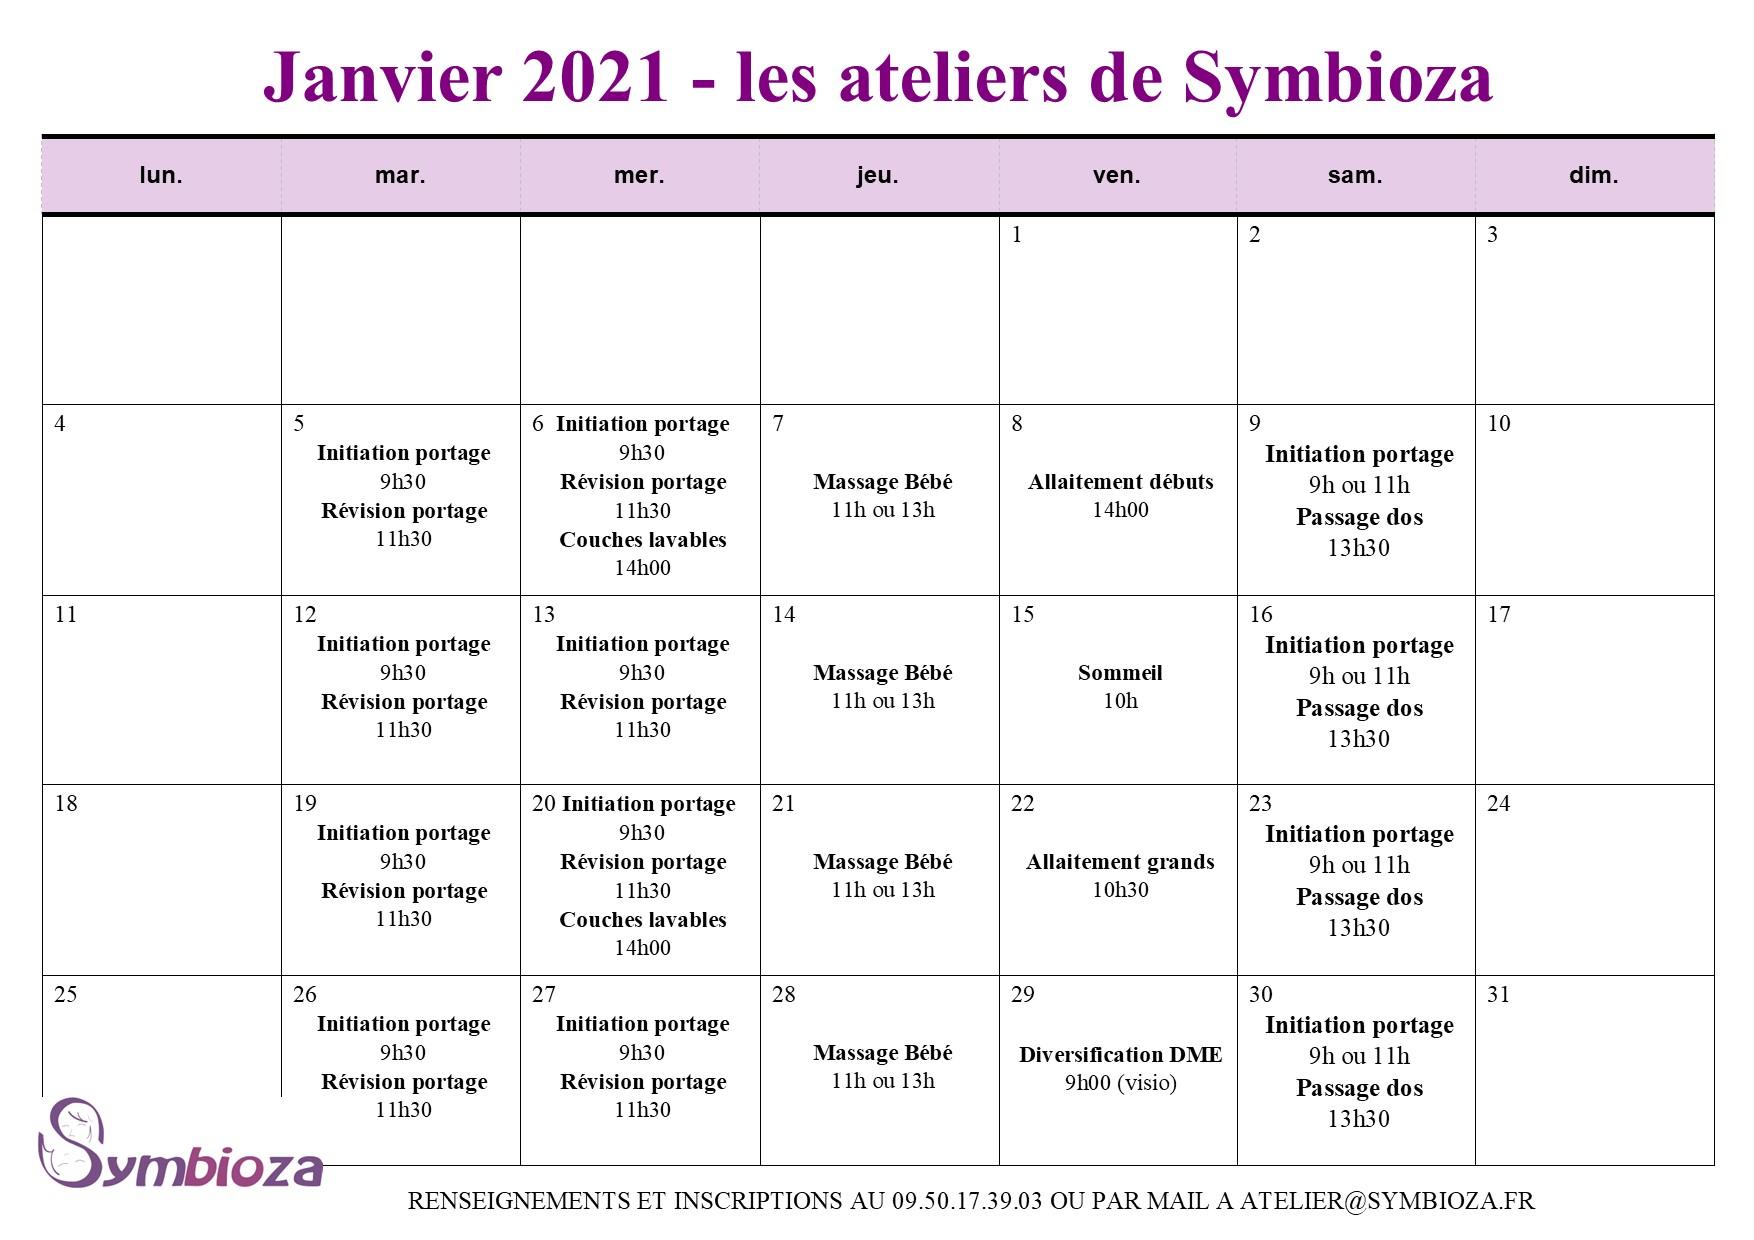 Les ateliers de janvier 2021